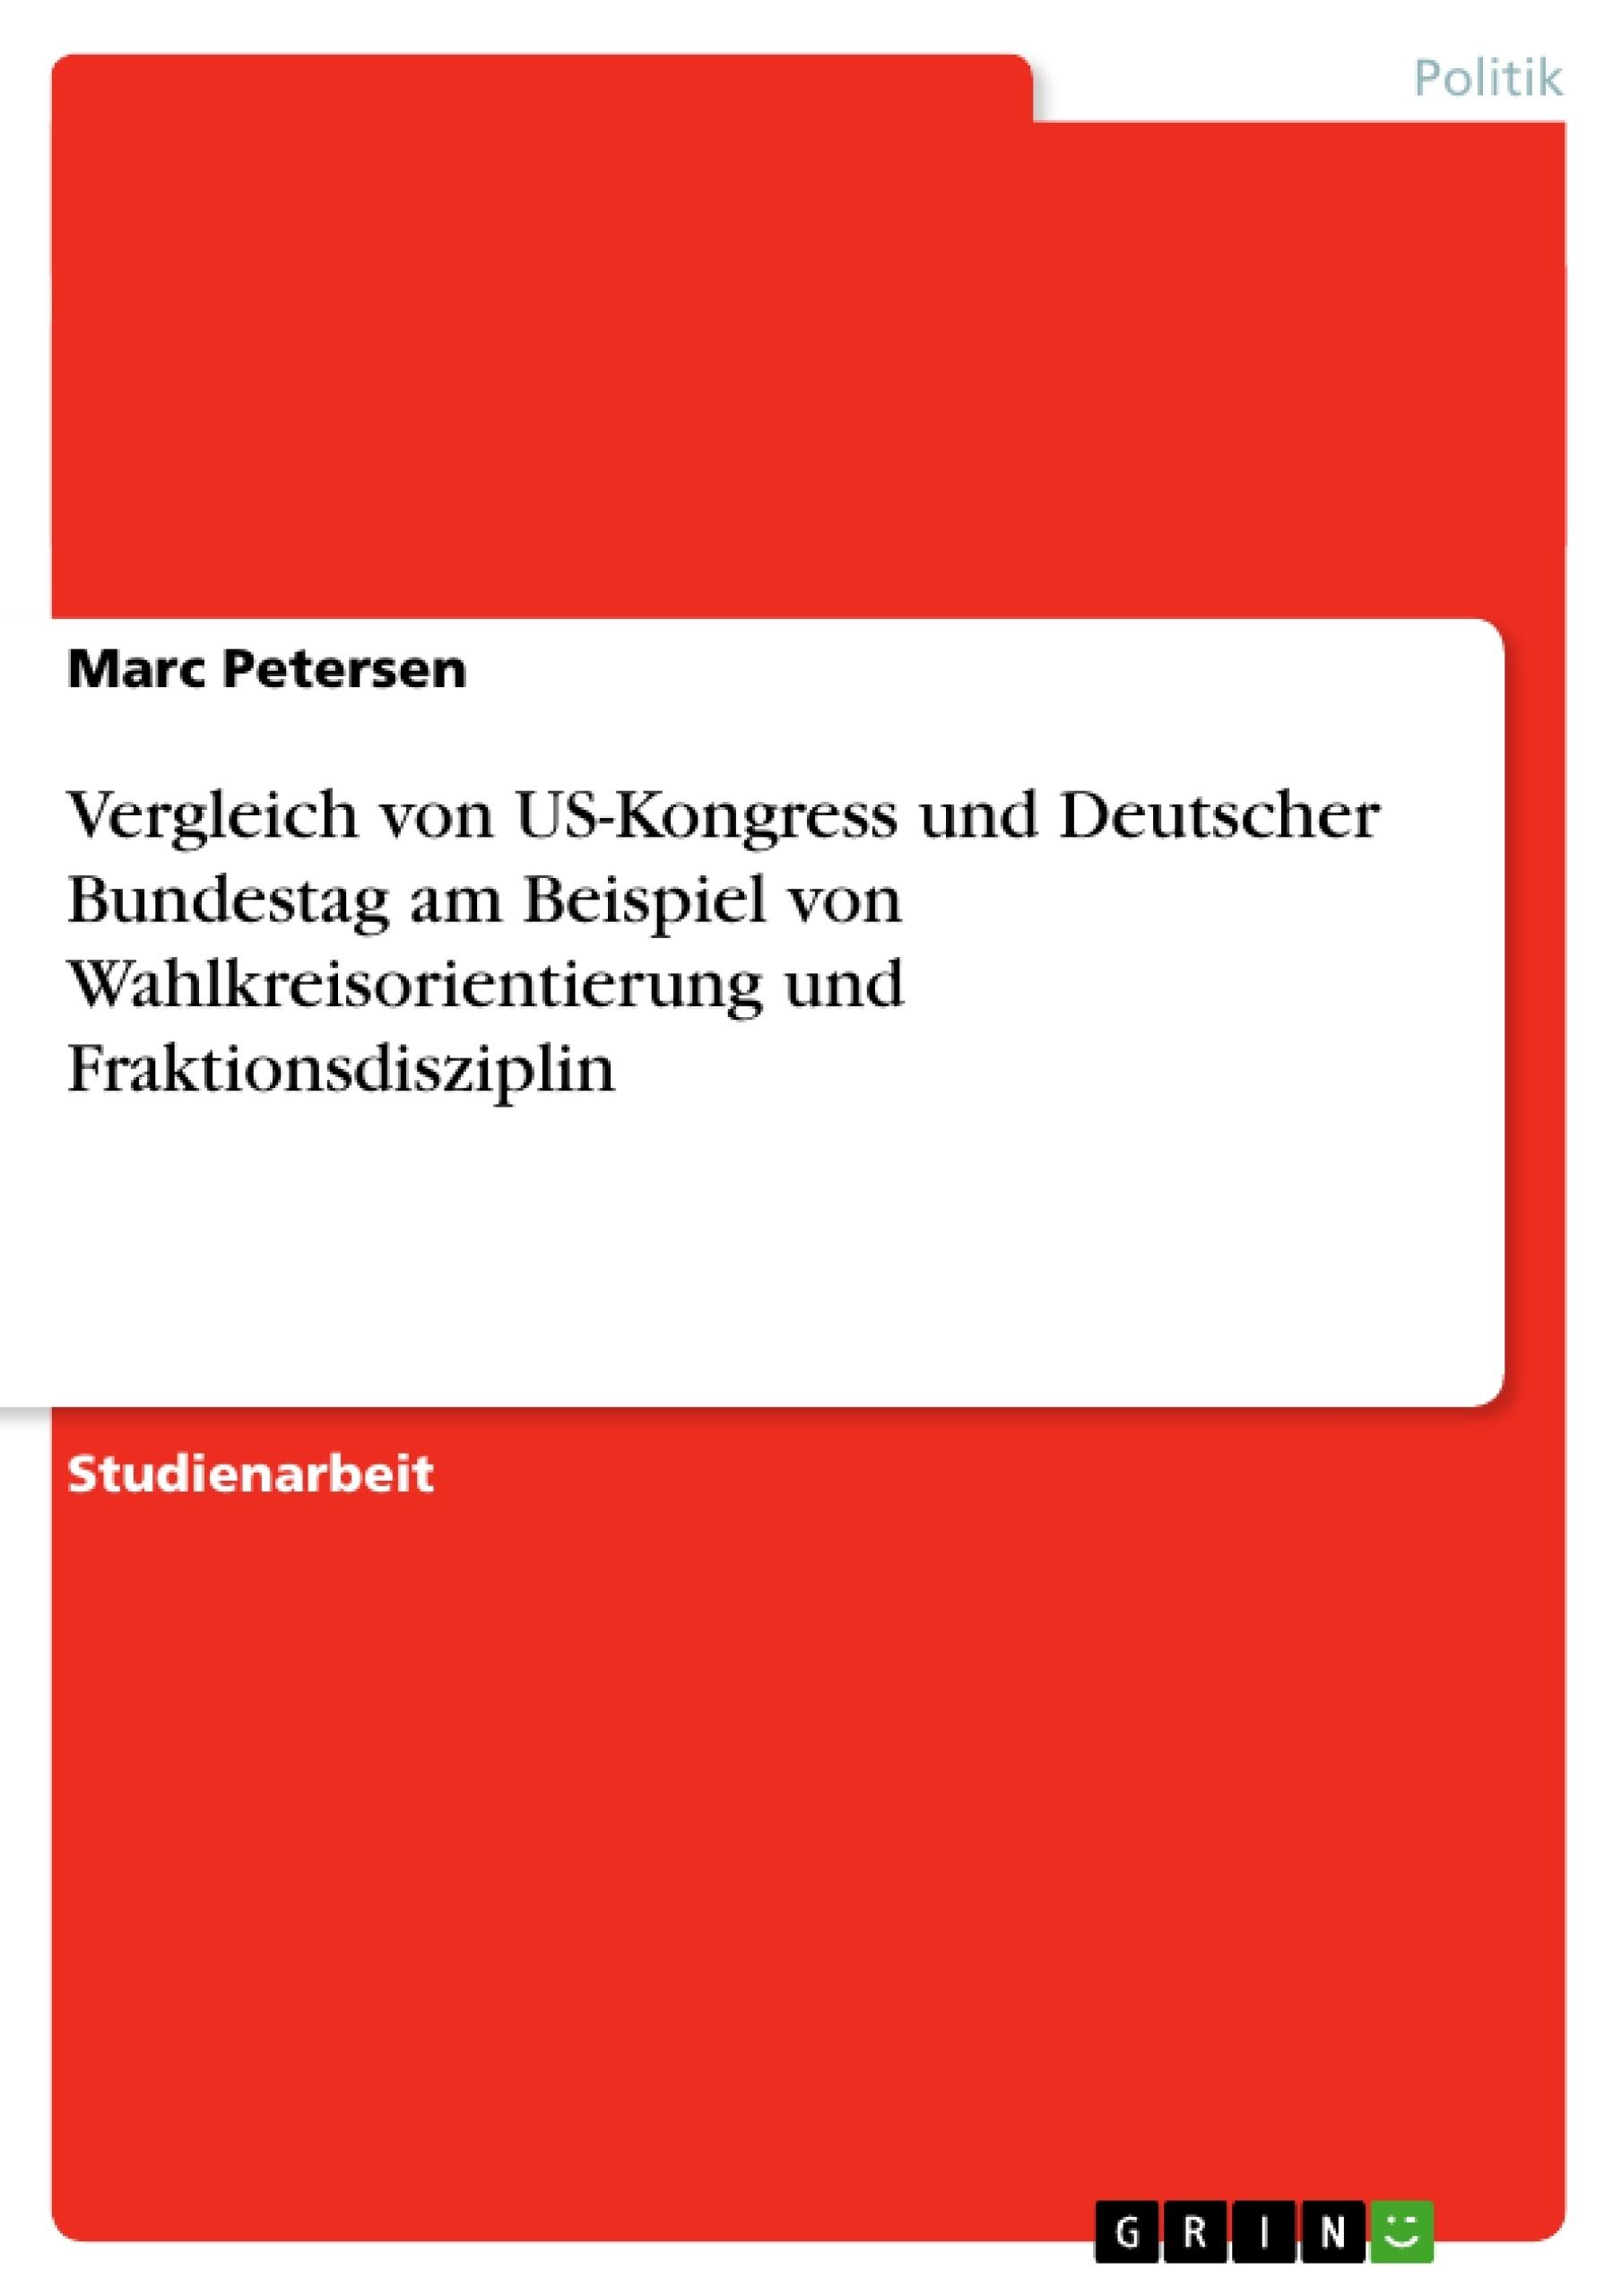 Titel: Vergleich von US-Kongress und Deutscher Bundestag am Beispiel von Wahlkreisorientierung und Fraktionsdisziplin